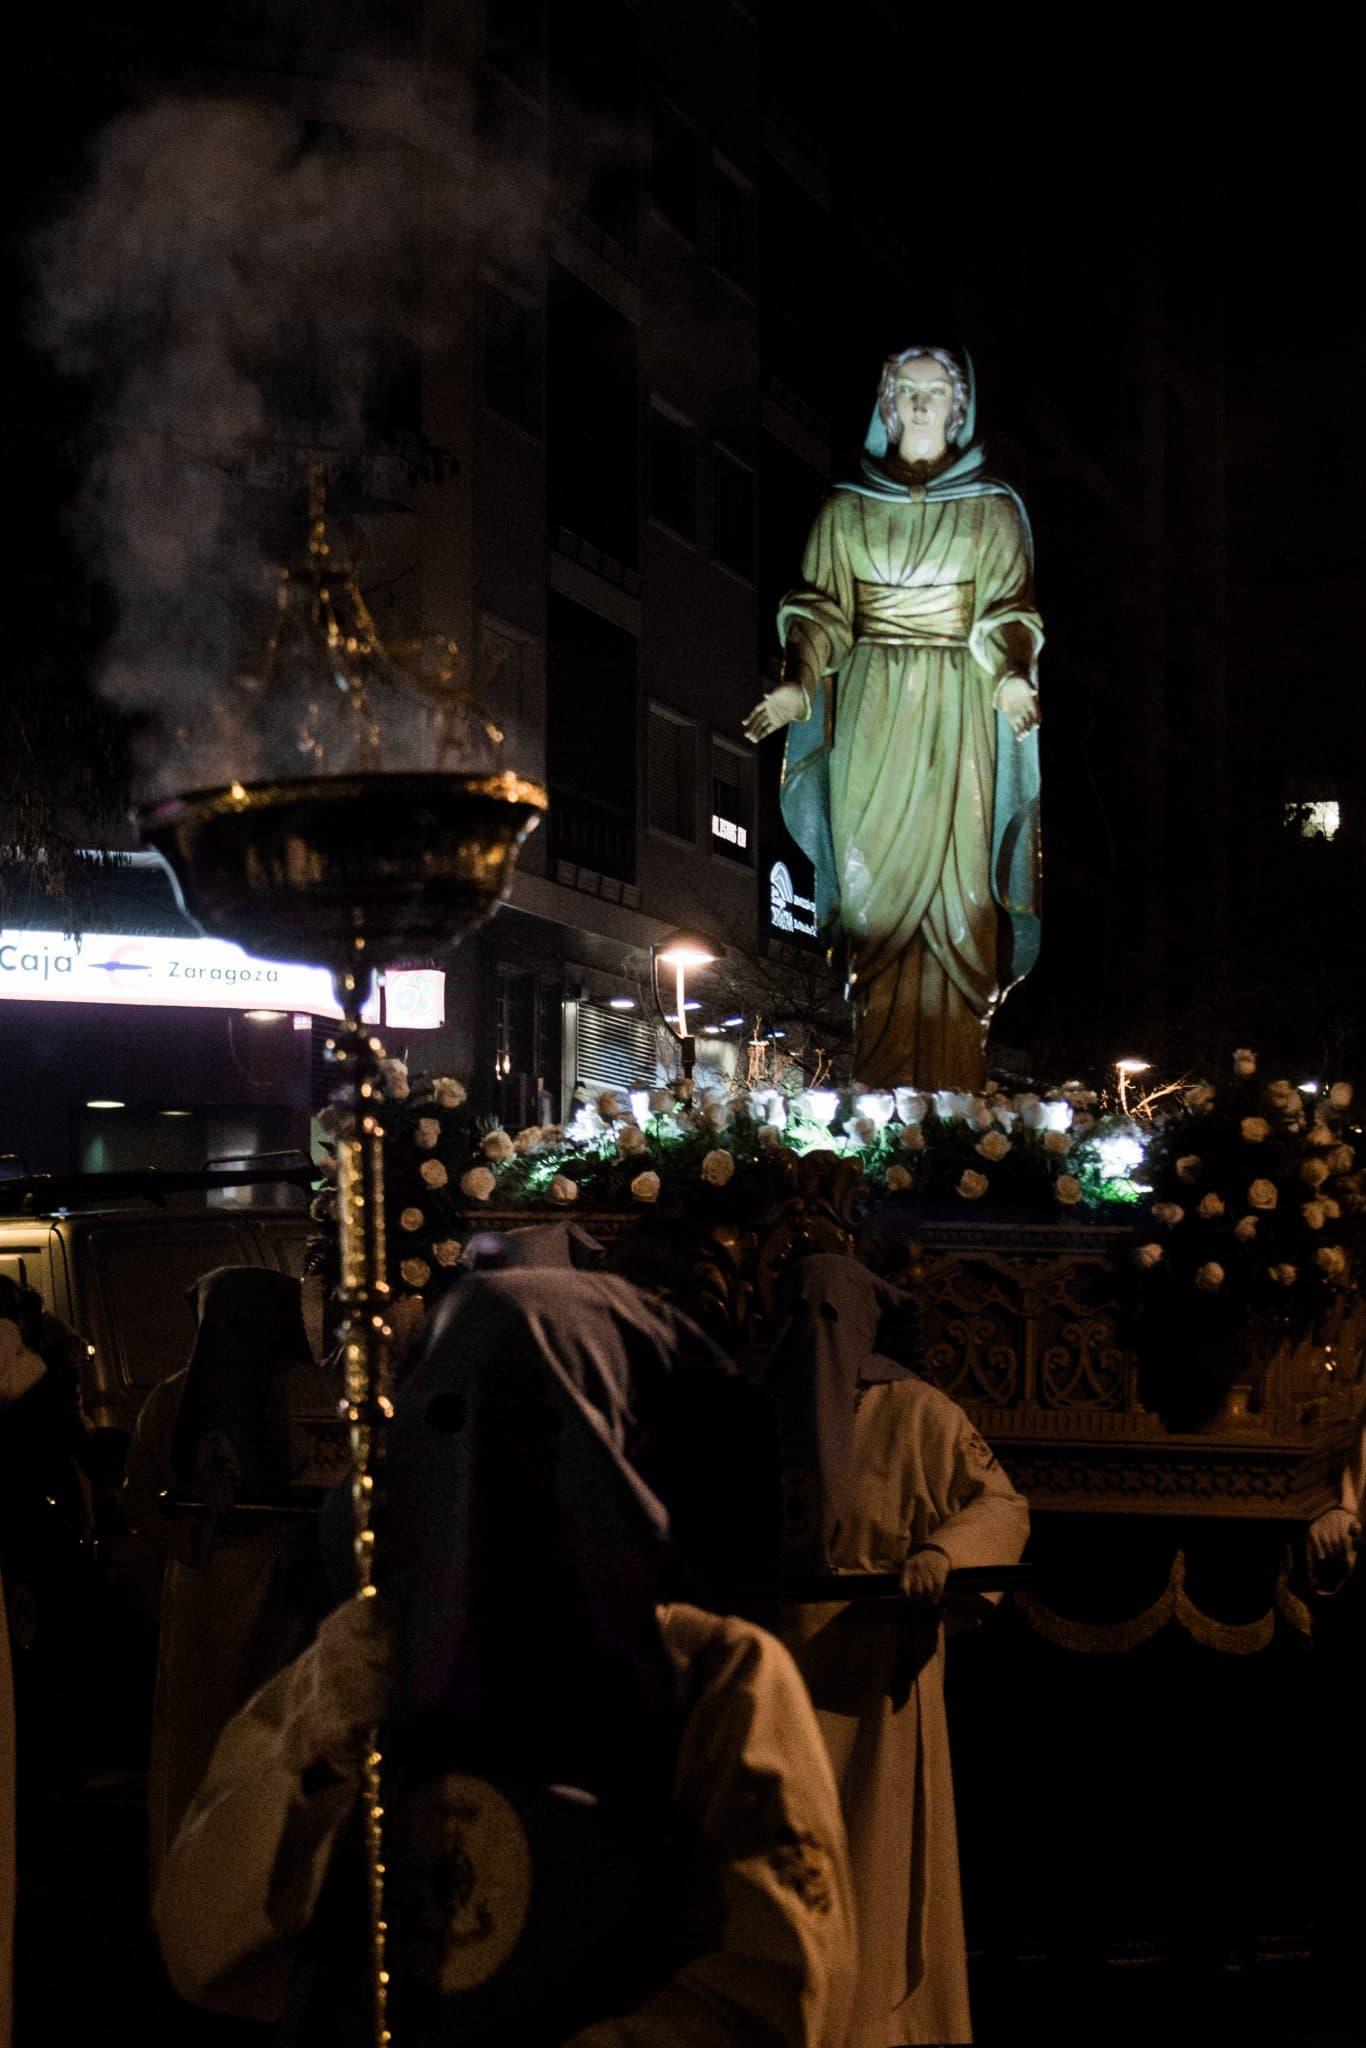 Semana Santa en Zaragoza - Procesion de Nuestra Señora de la Esperanza RESUCITADO